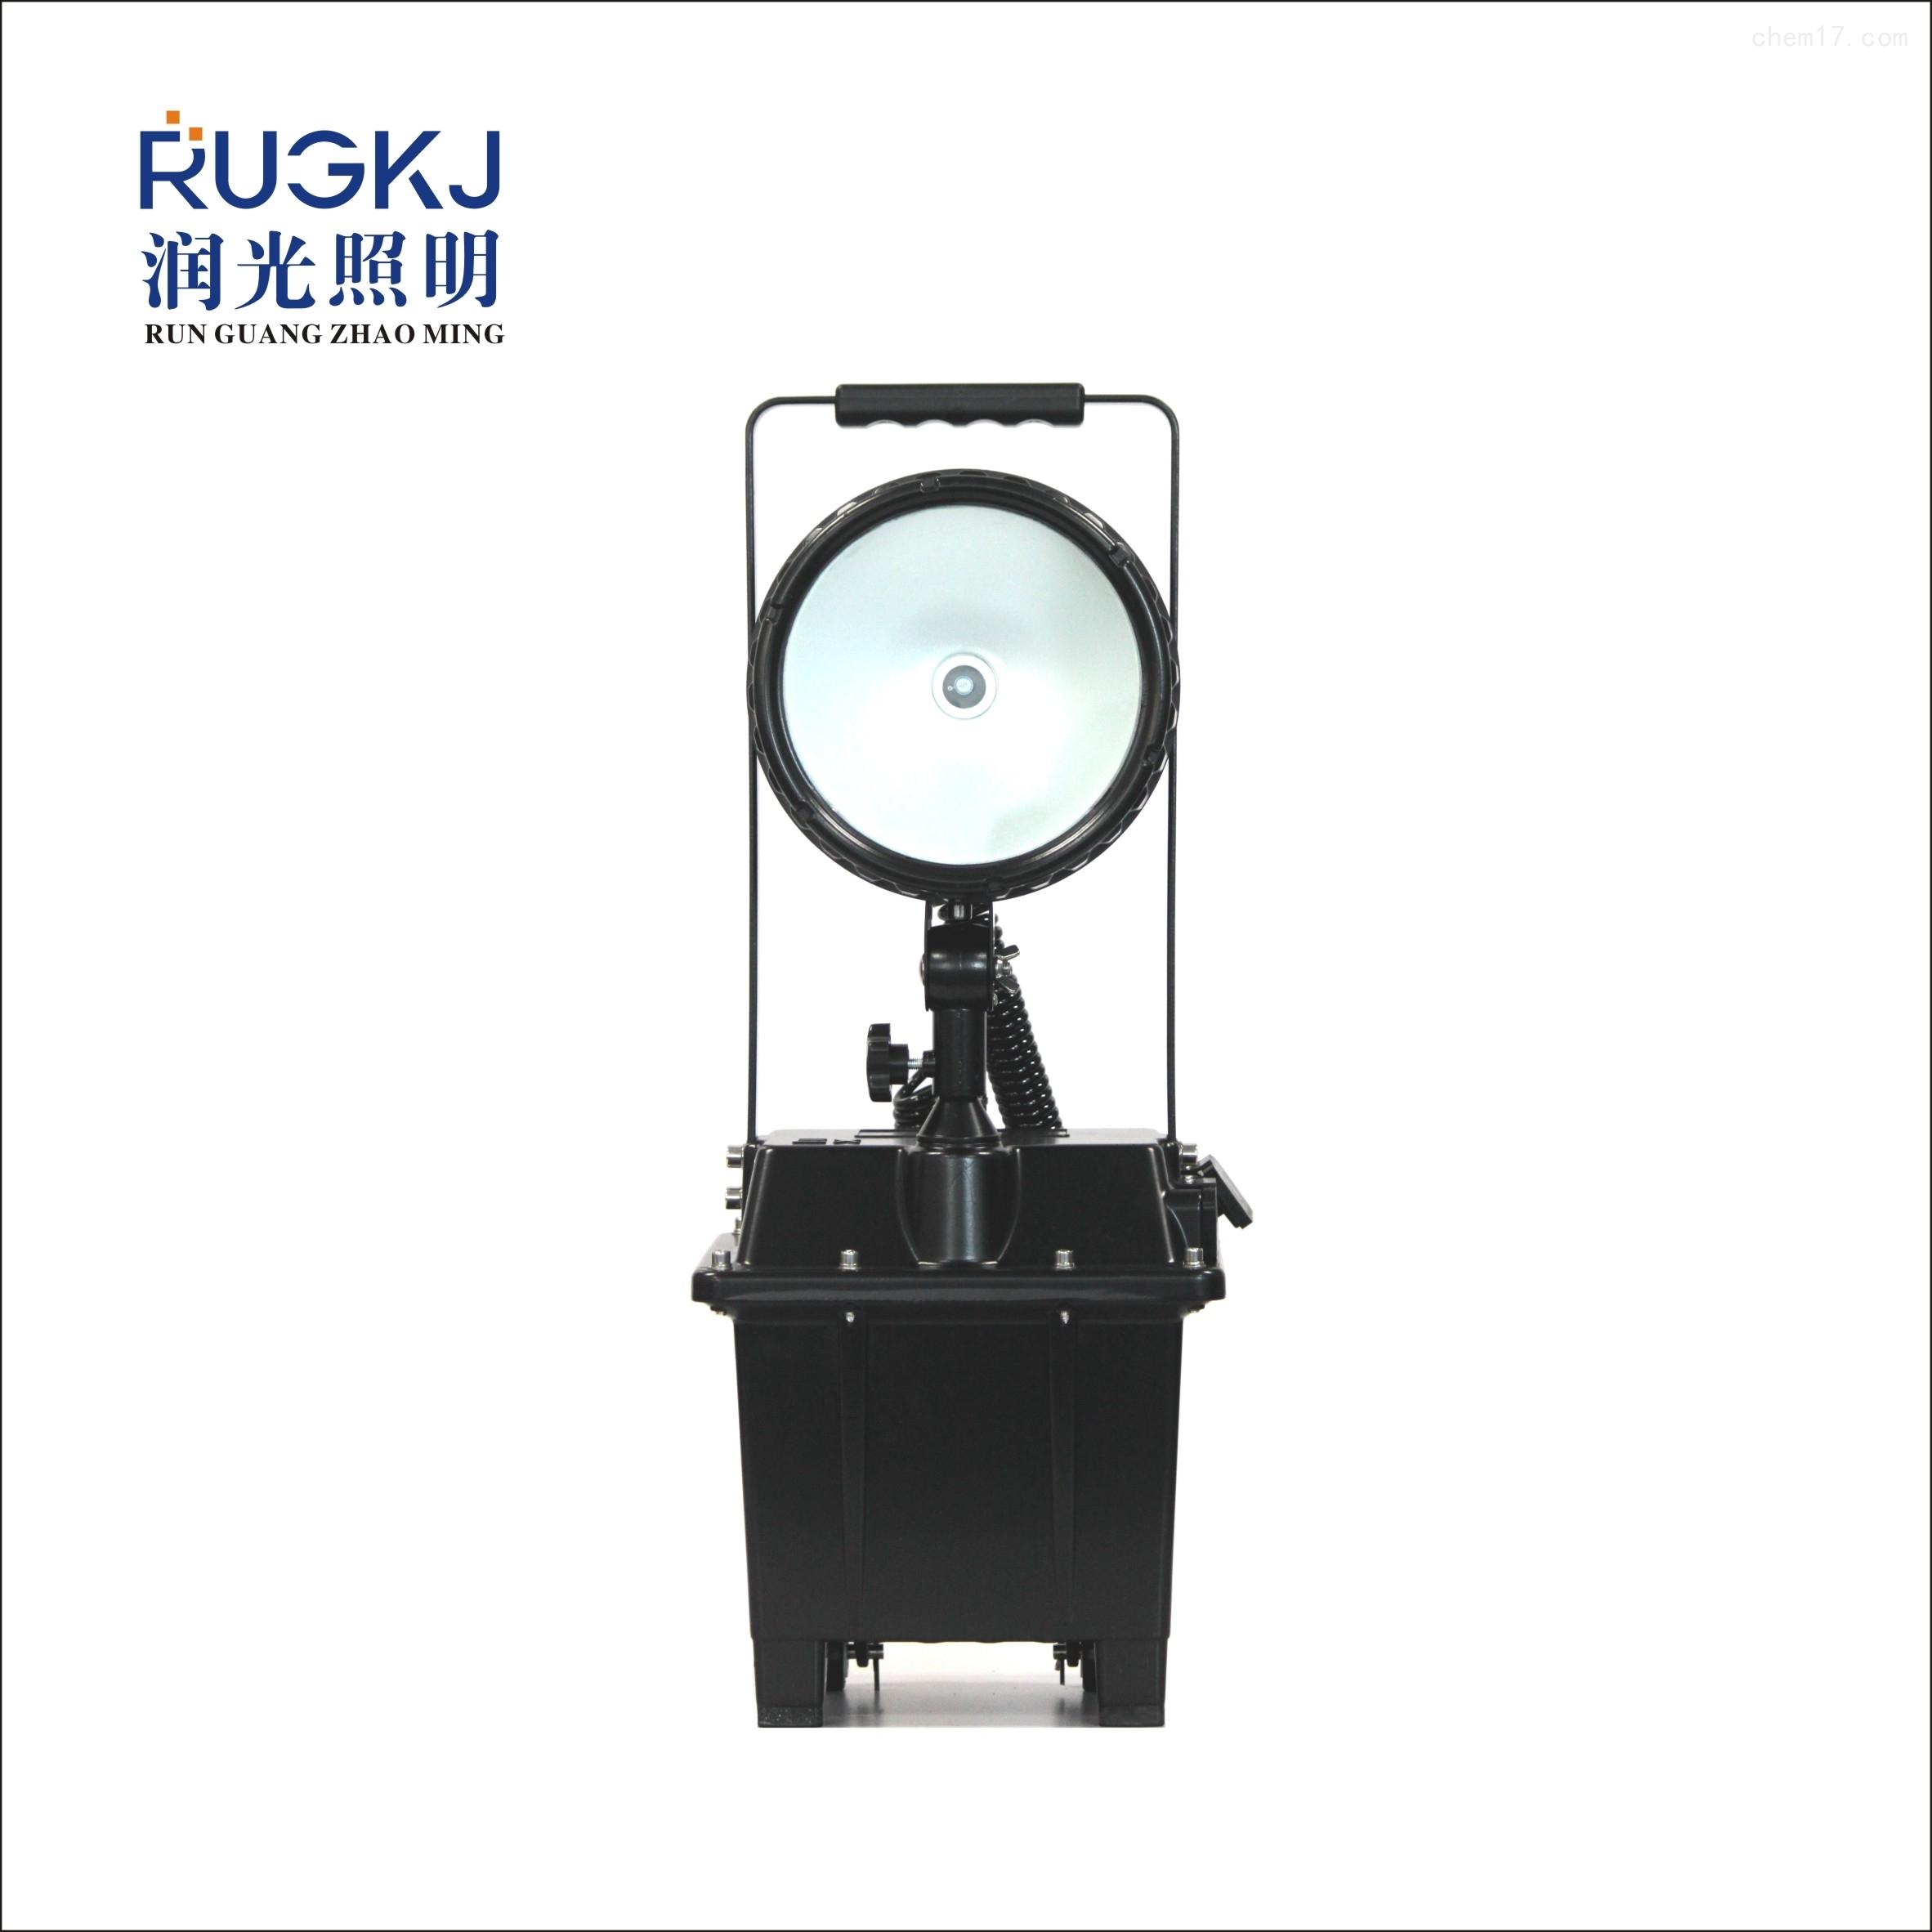 润光照明-FW6101防爆移动工作灯氙气灯